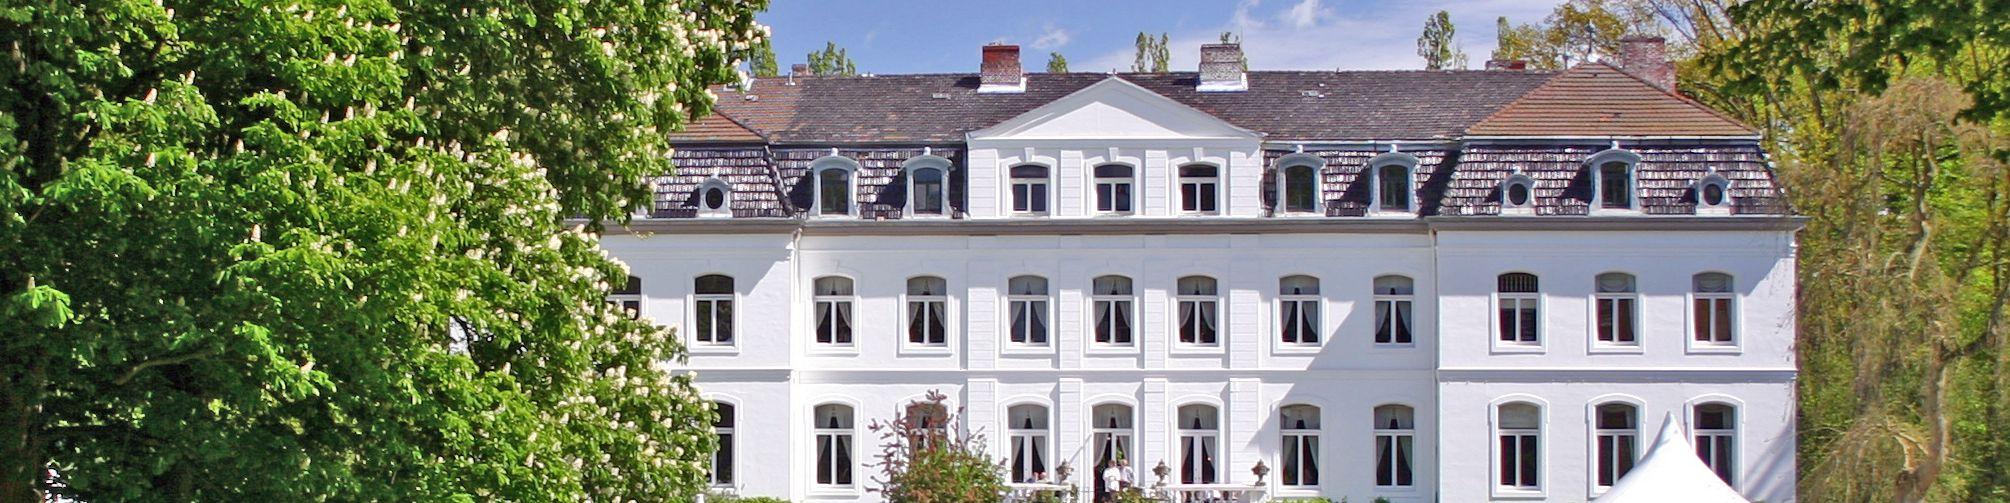 Schloss Weißenhaus